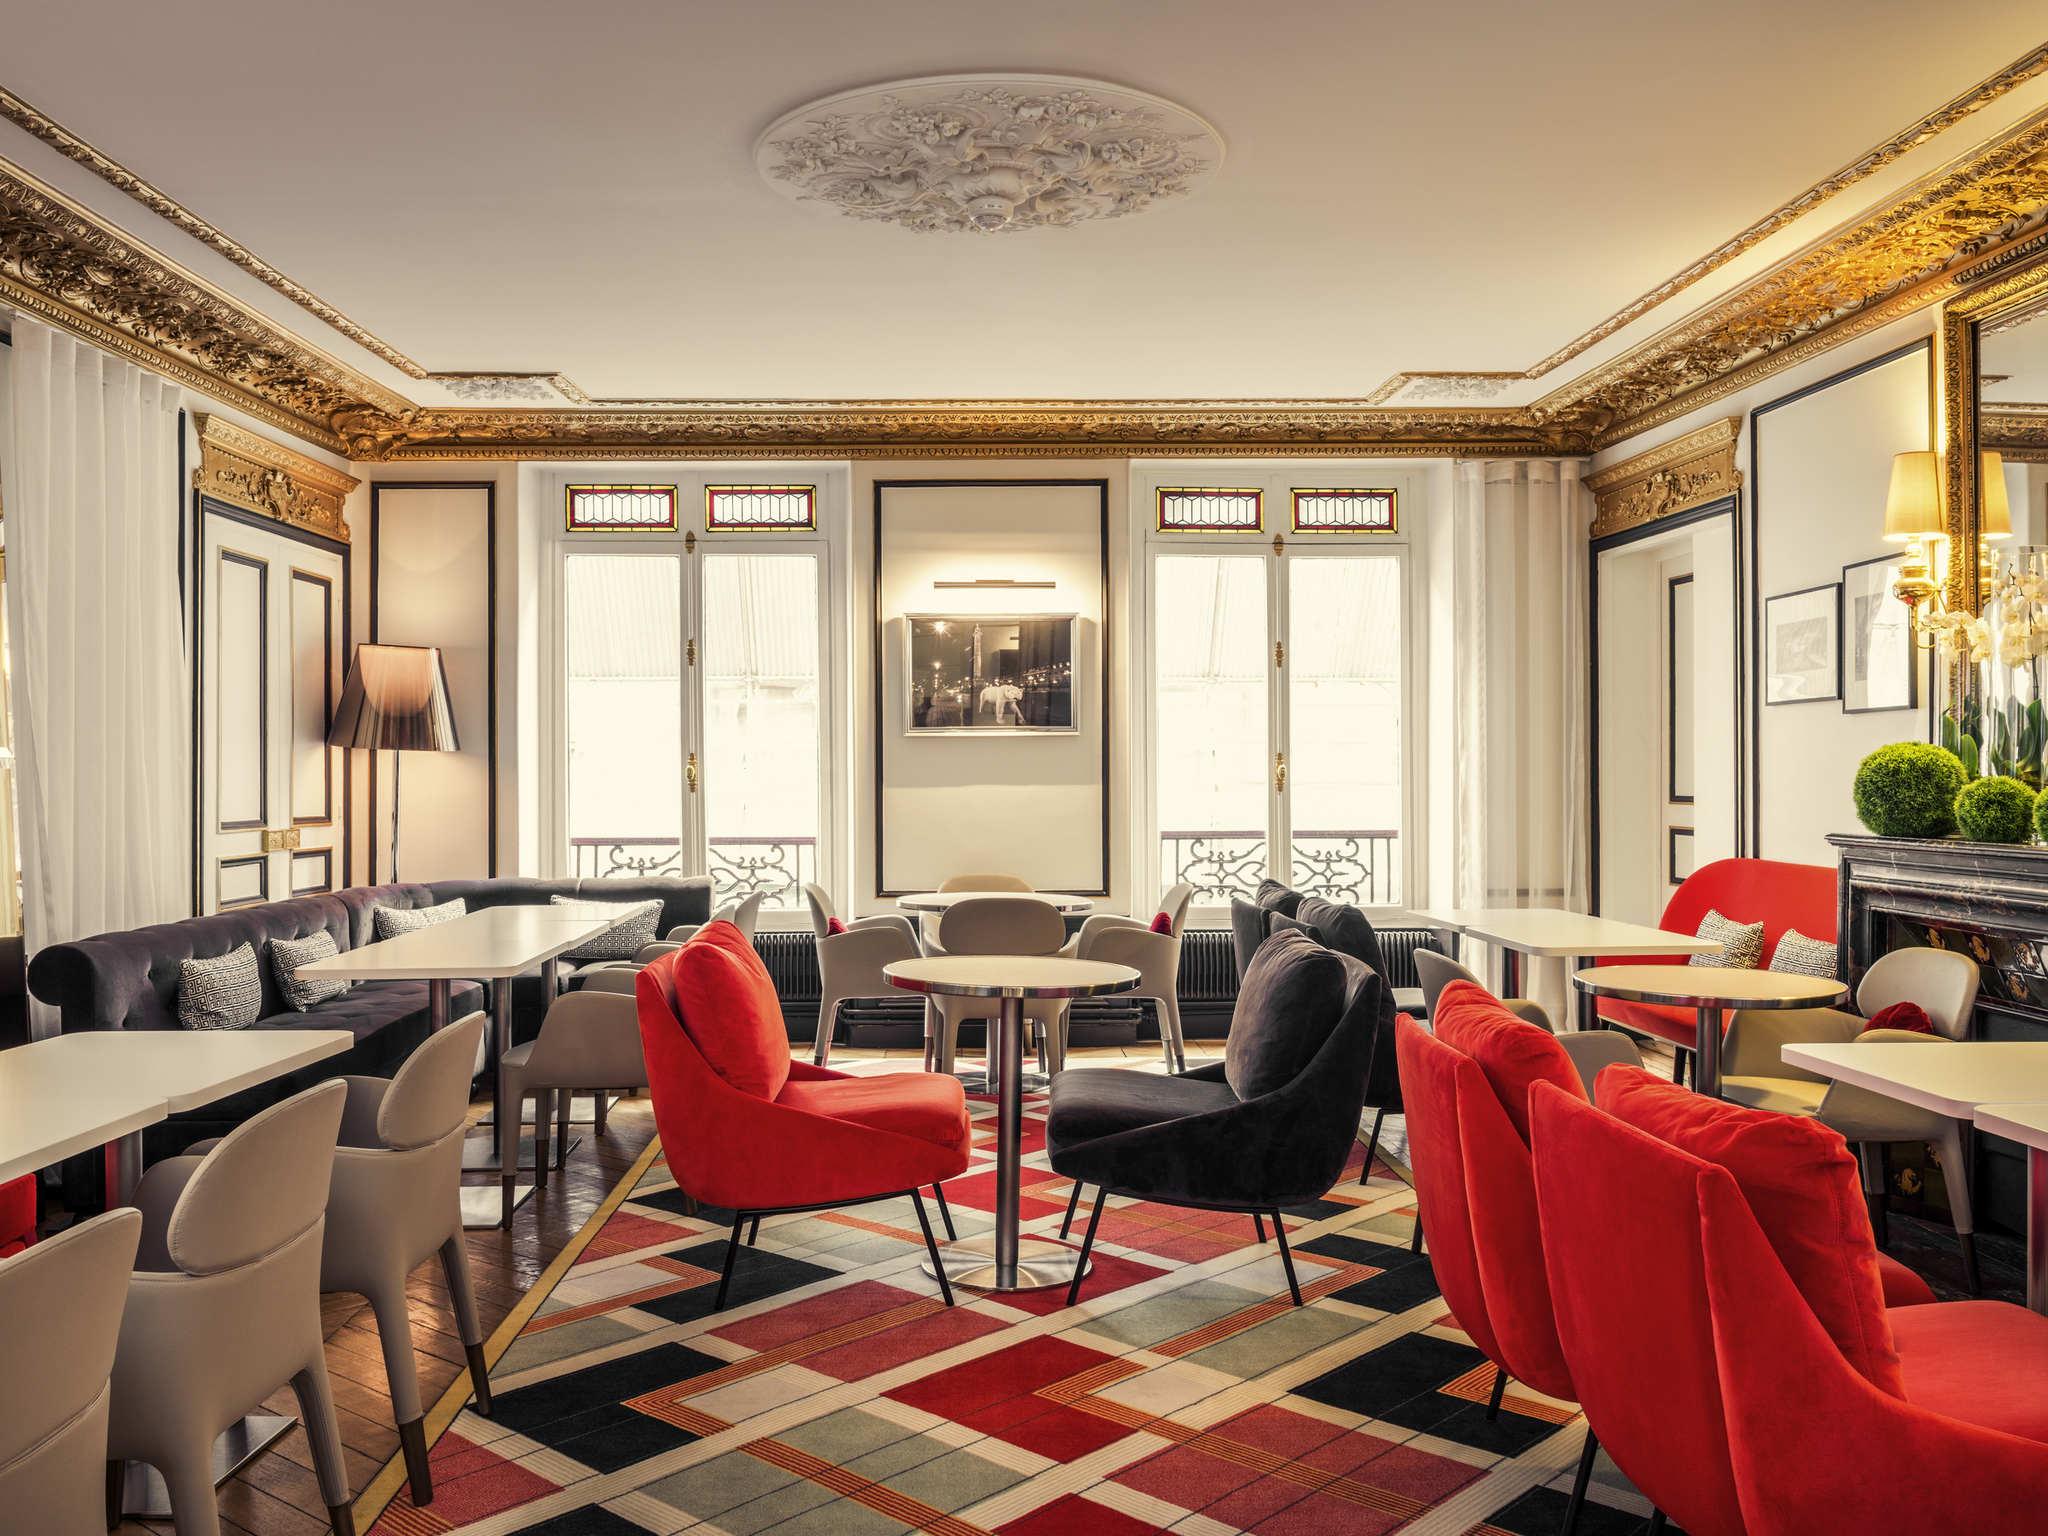 Hotel – Hotel Mercure Parijs Opéra Louvre